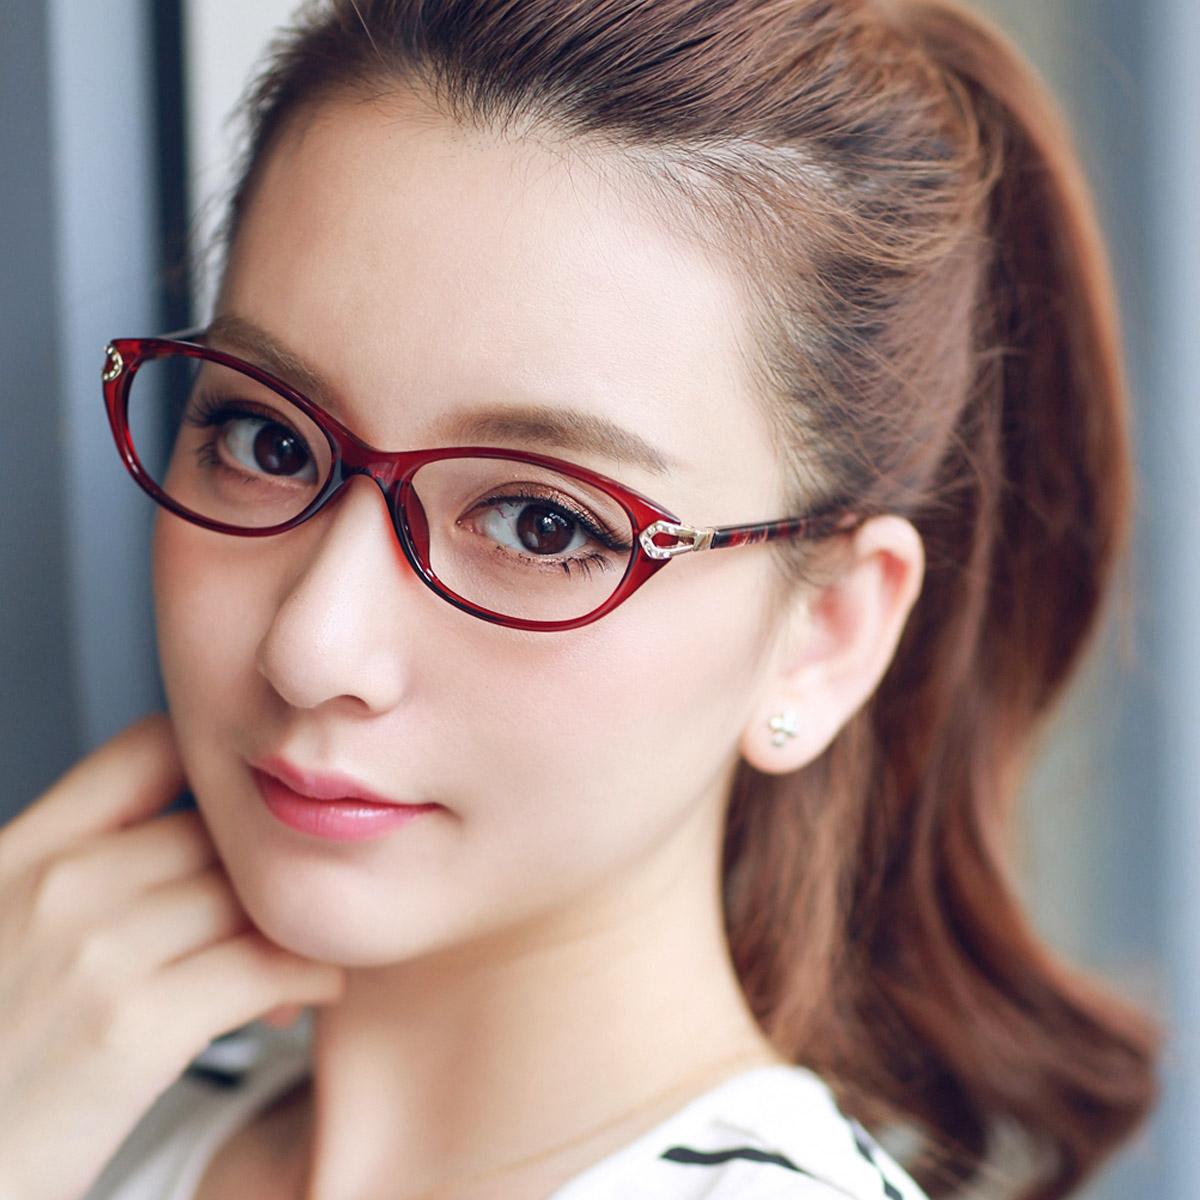 近视眼镜女超轻tr90眼镜框近视女款眼镜架女成品韩版眼镜框变色